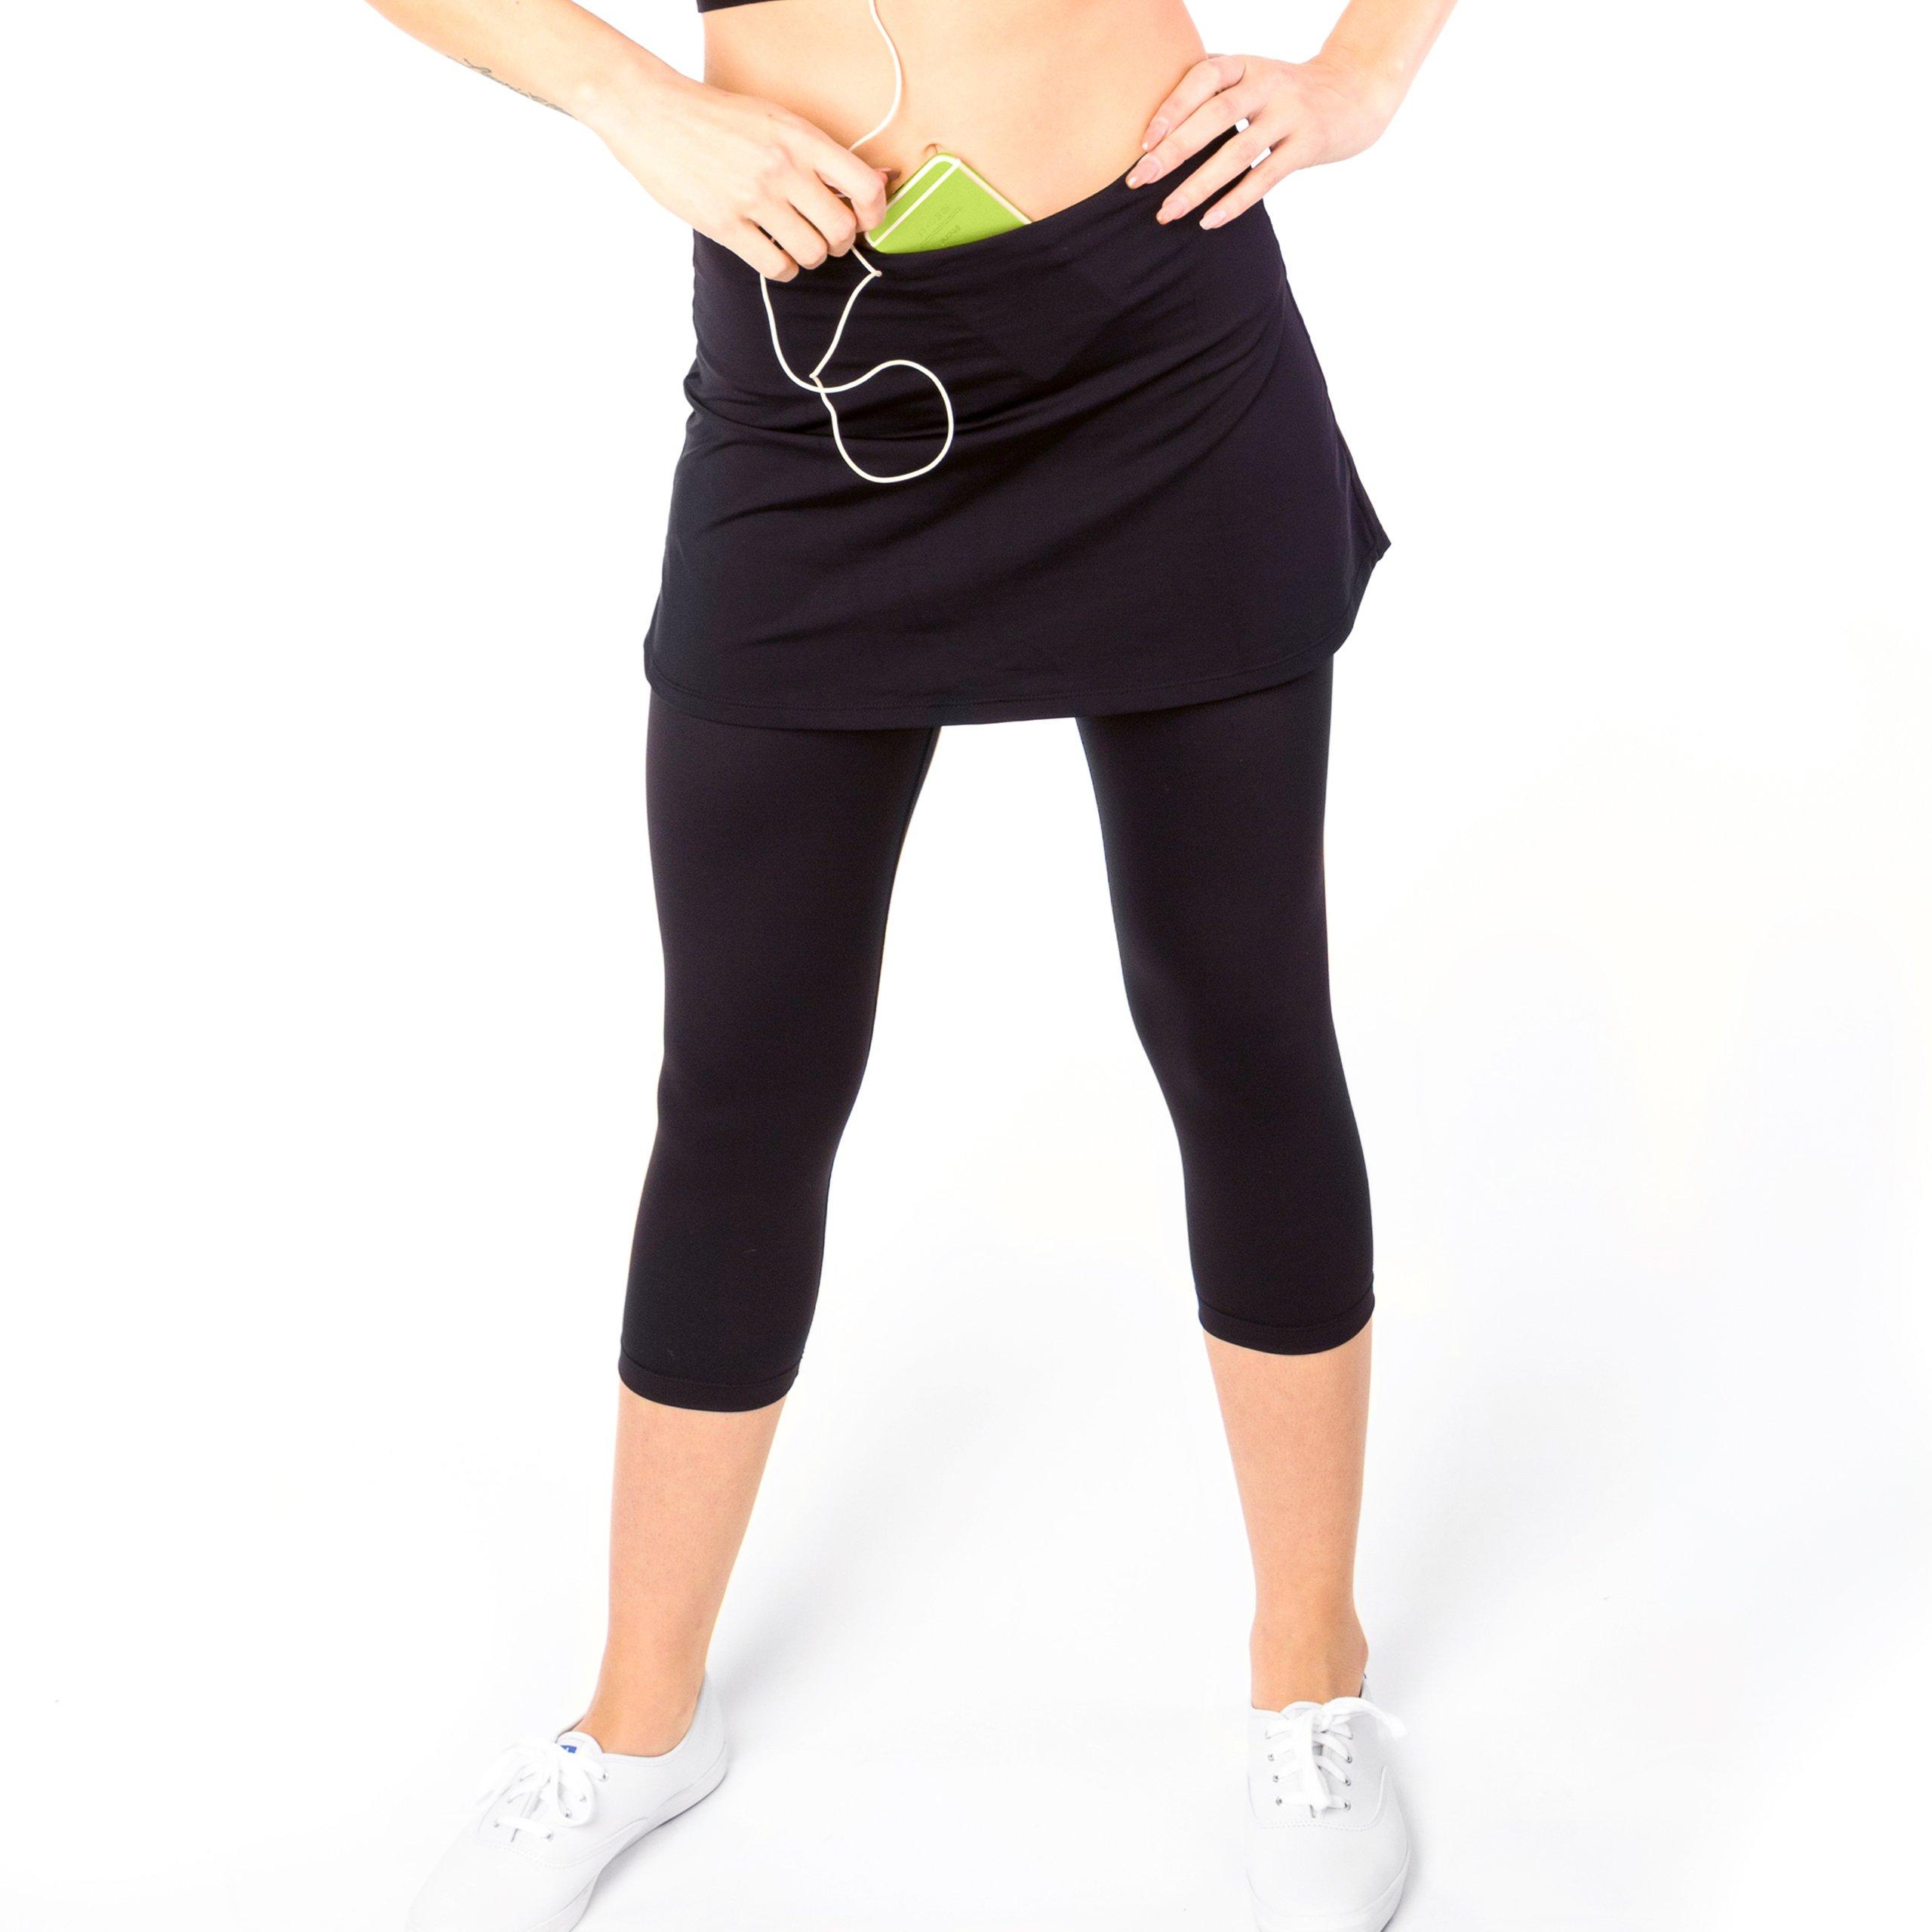 Sport-it Womens Capri Skirt, Active Skapri with Pockets, Running Skirted Leggings, Athletic Skort